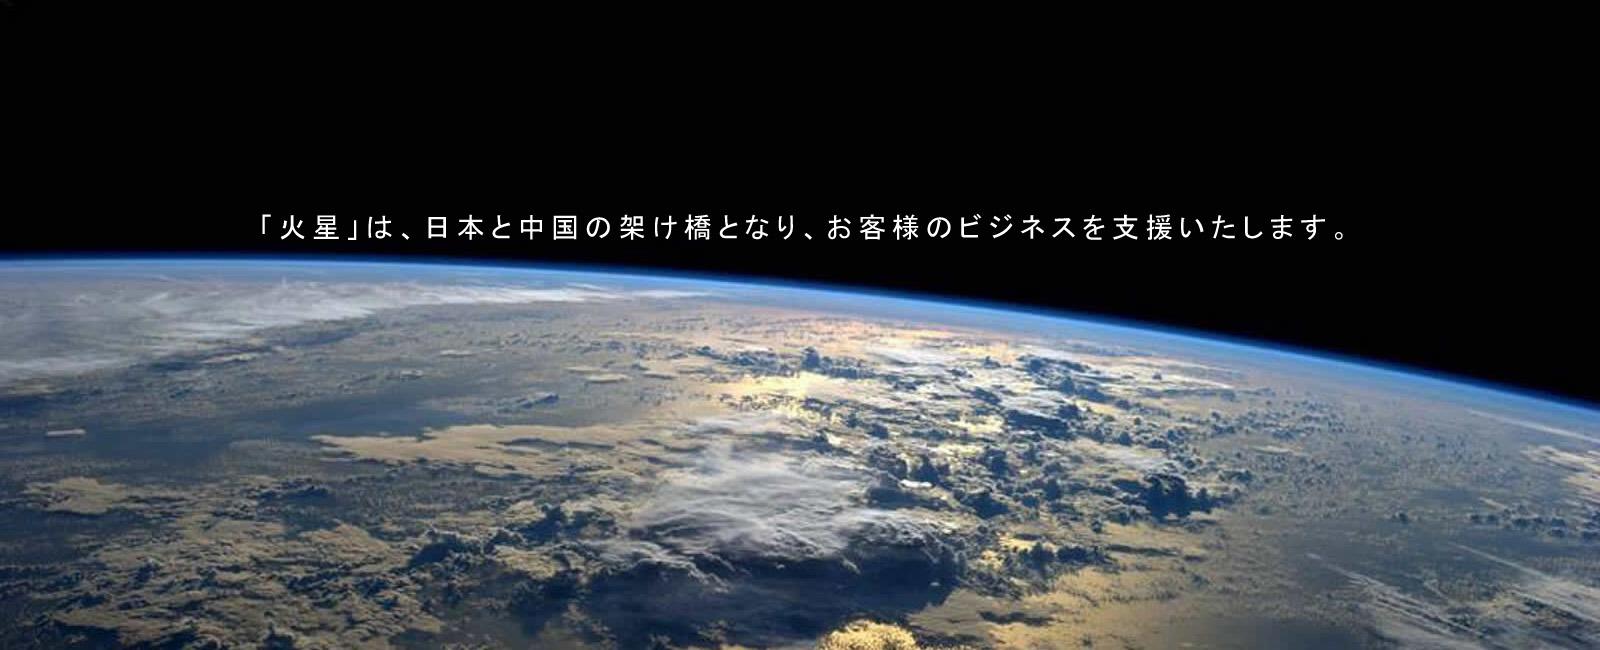 「火星」は、日本と中国の架け橋となり、お客様のビジネスを支援いたします!